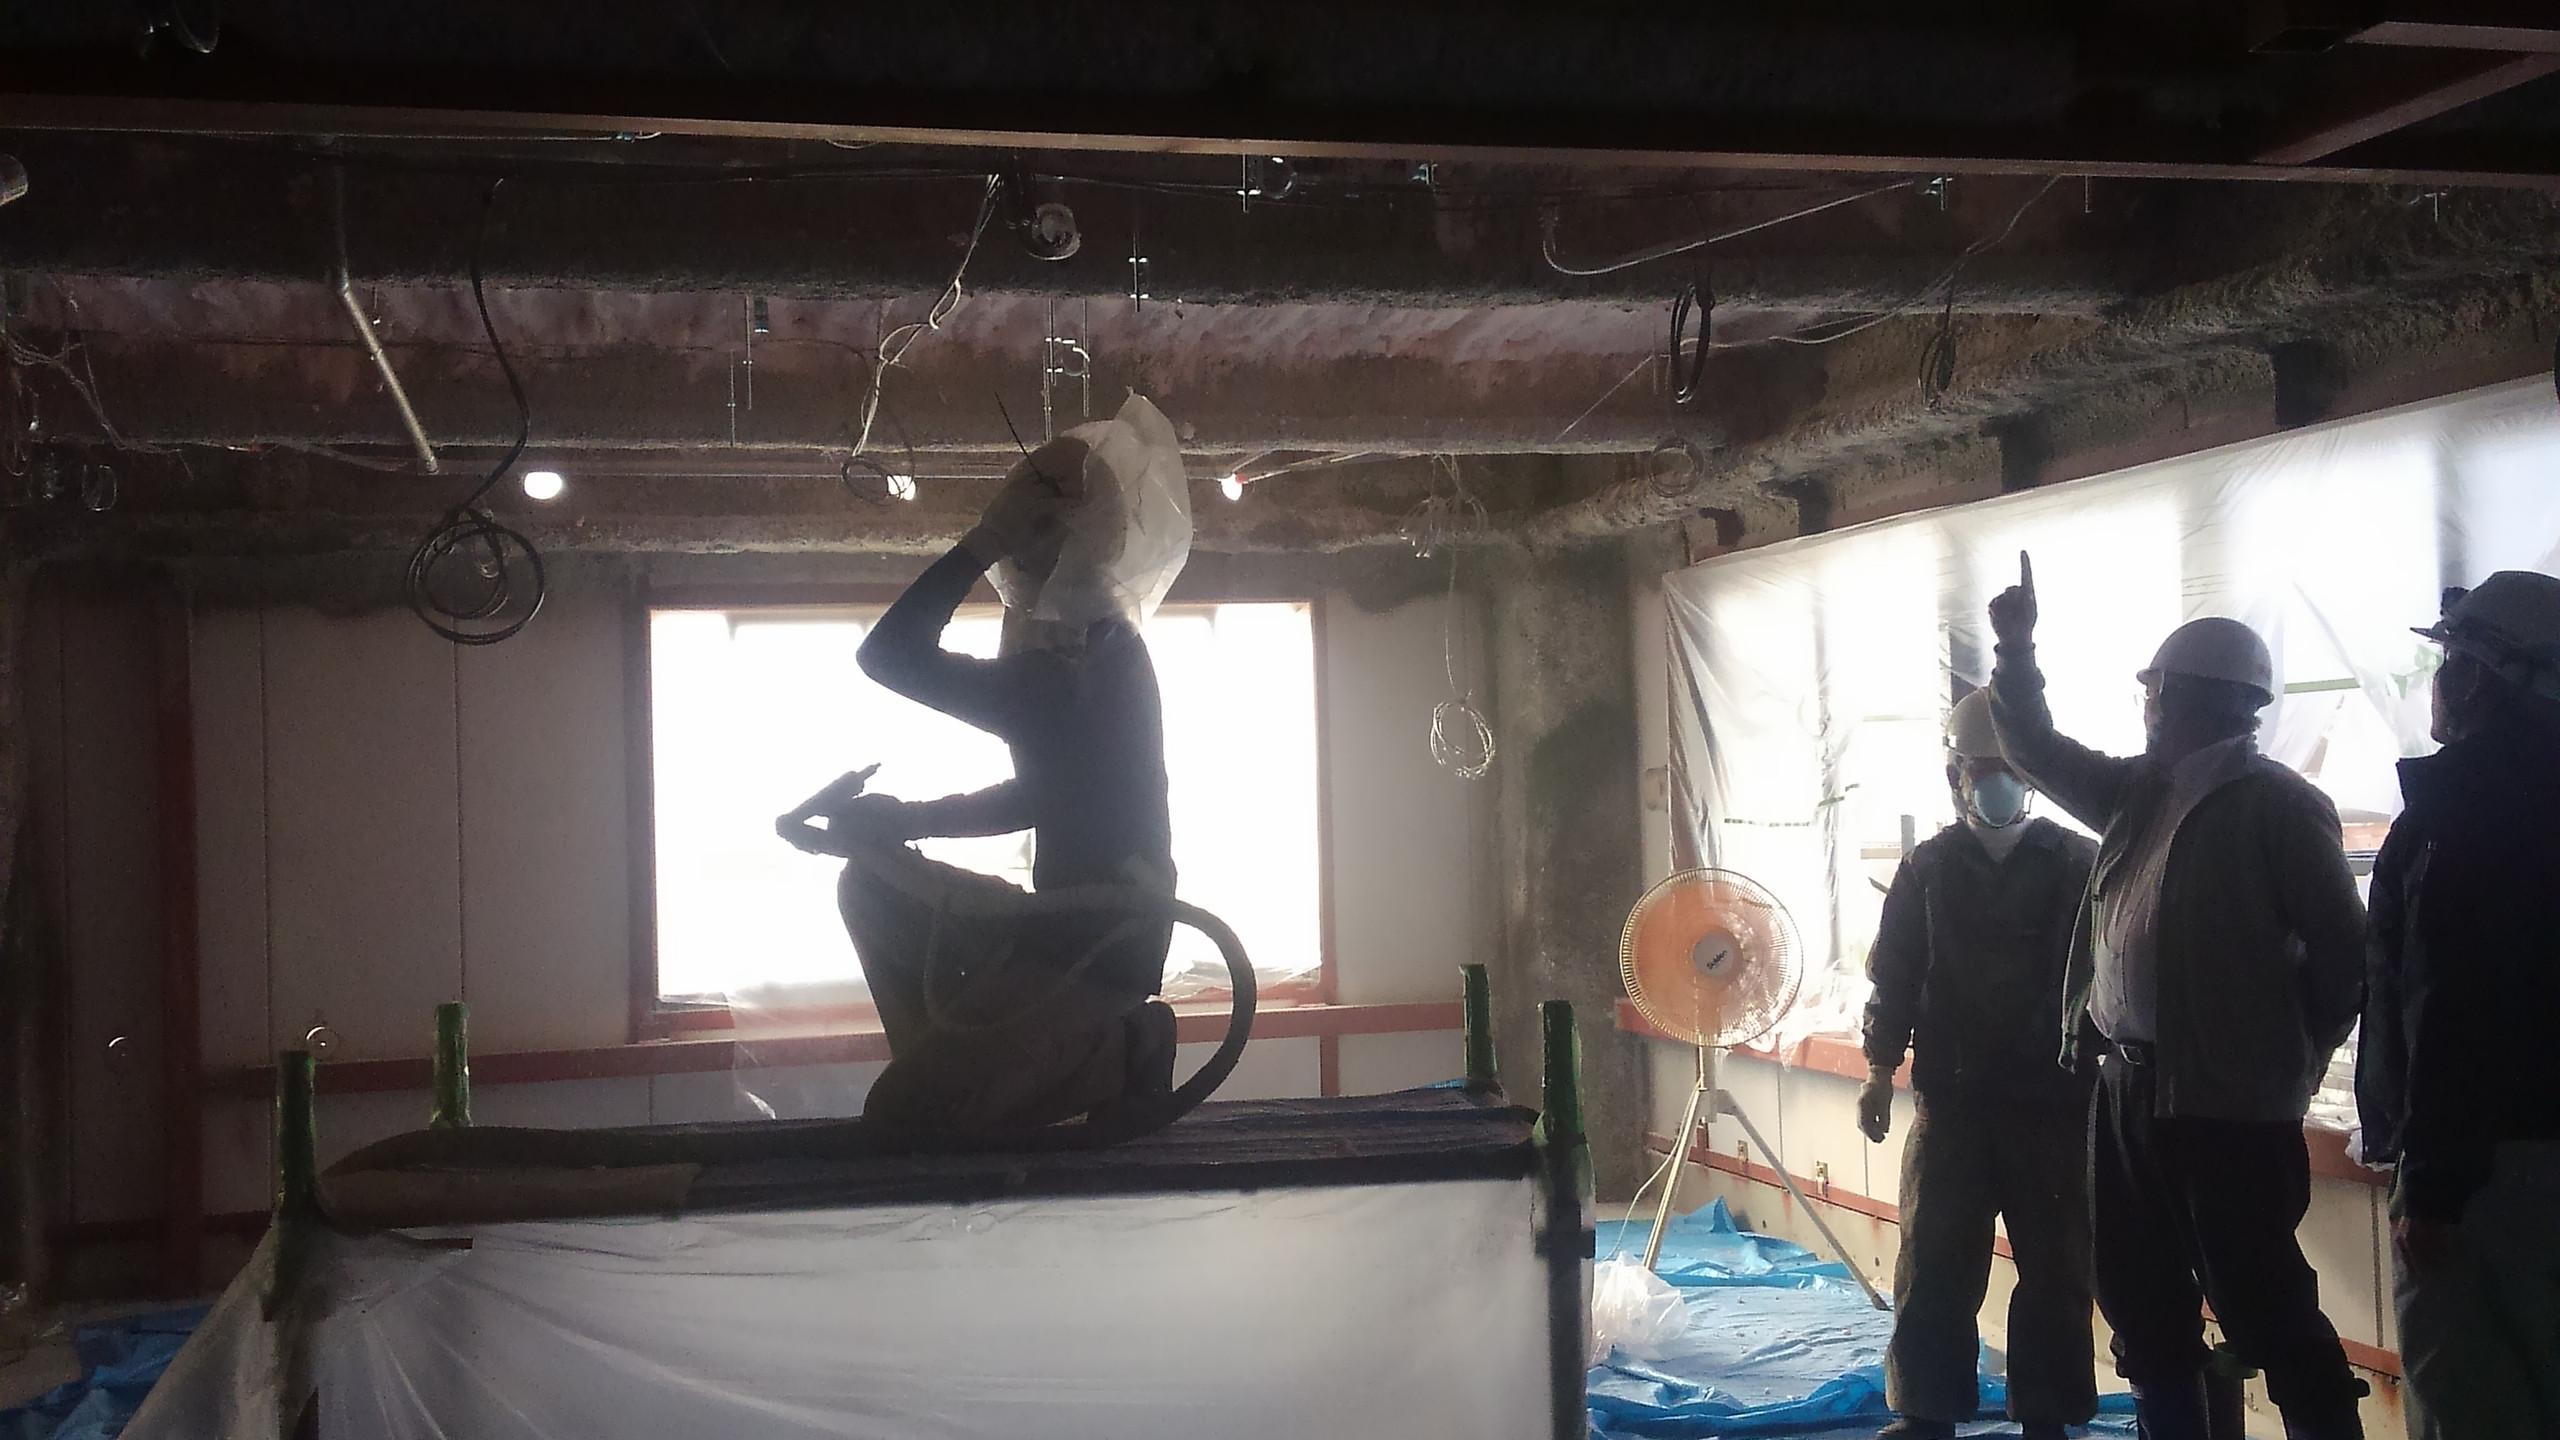 天井に断熱材を塗布しています。